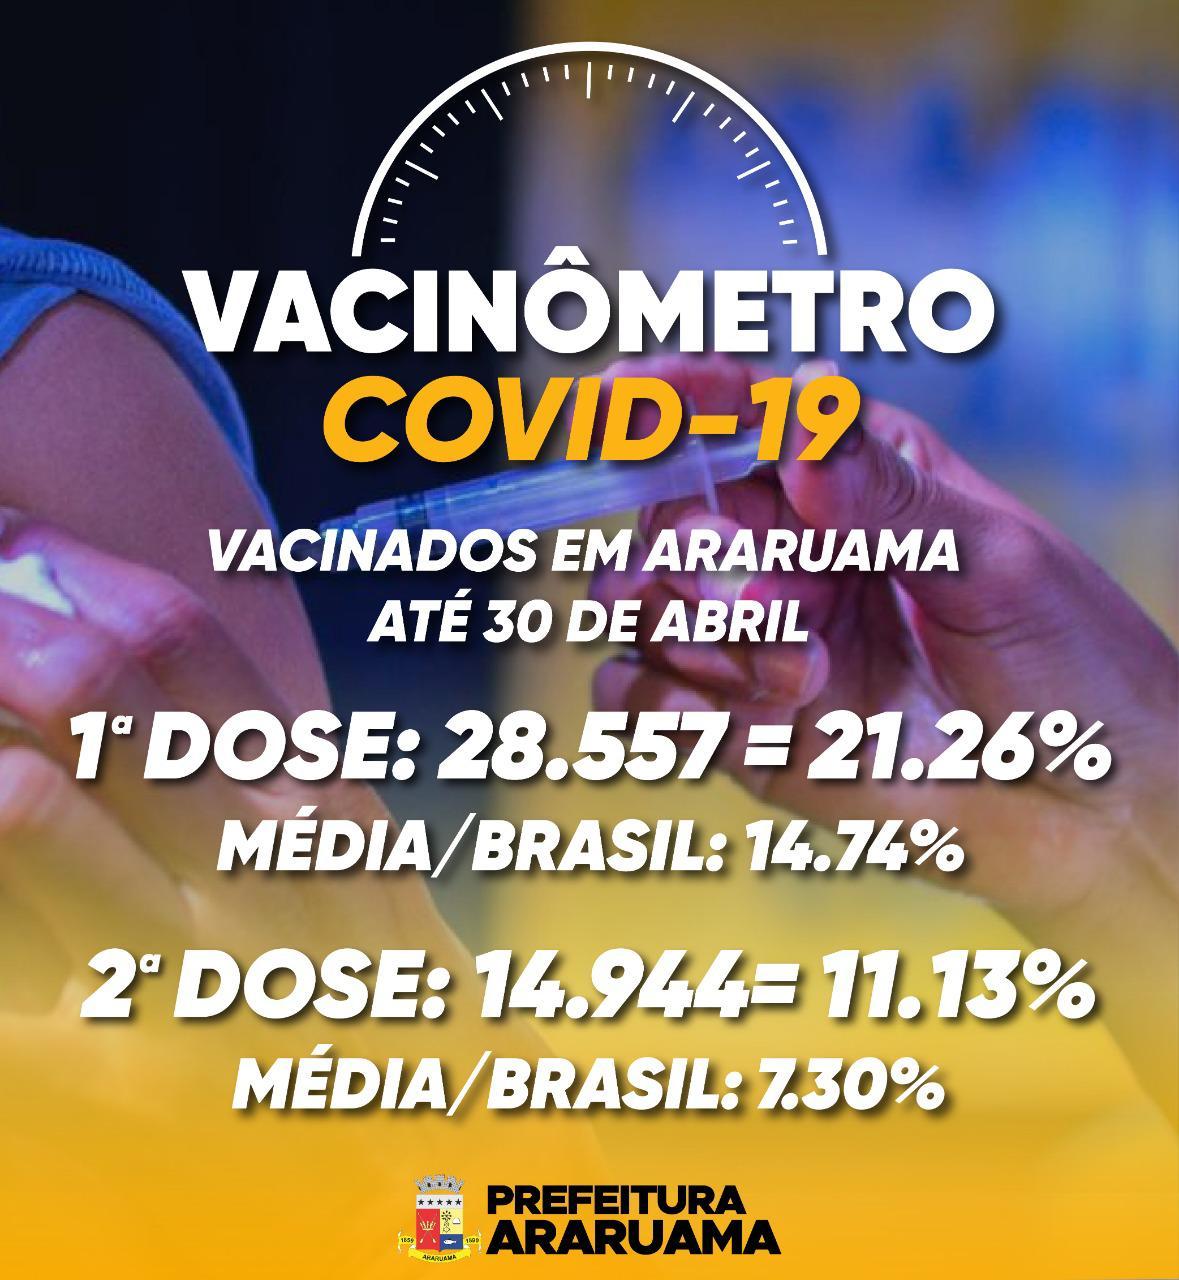 Prefeitura de Araruama já vacinou mais de 21% da população com a primeira dose